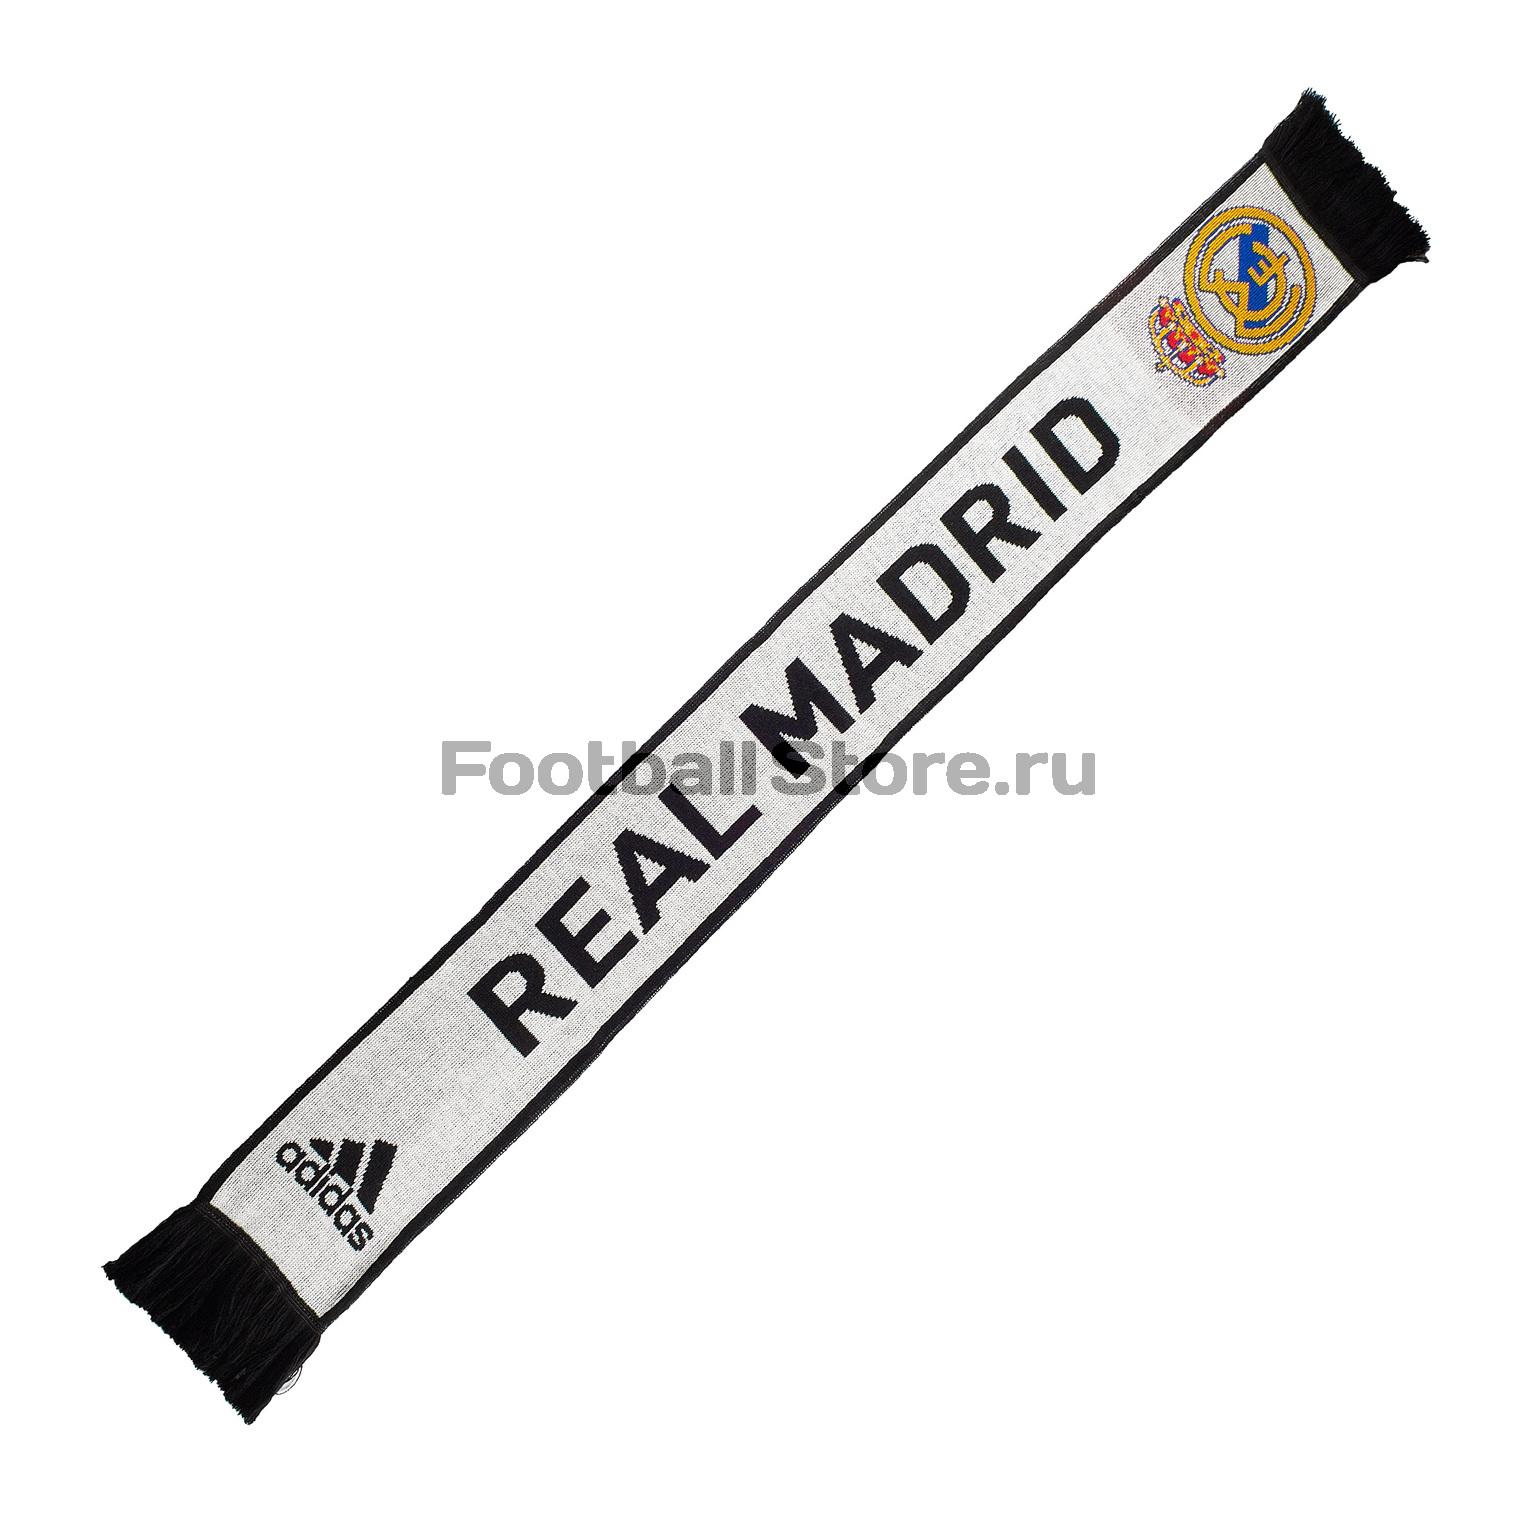 f5b6d578d275 Шарф болельщика Adidas Real Madrid CY5602 – купить в интернет магазине  footballstore, цена, фото